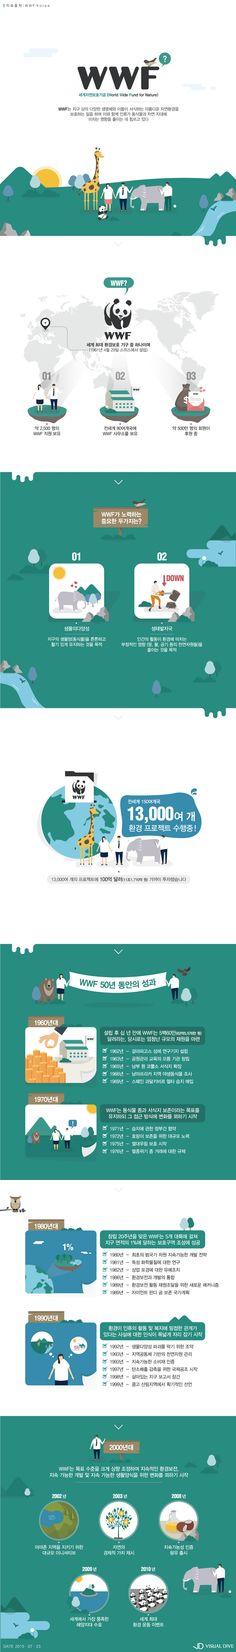 '1600 판다'의 세계 여행 본부, WWF가 궁금하다 [인포그래픽] #WWF / #Infographic ⓒ 비주얼다이브 무단 복사·전재·재 배포 금지